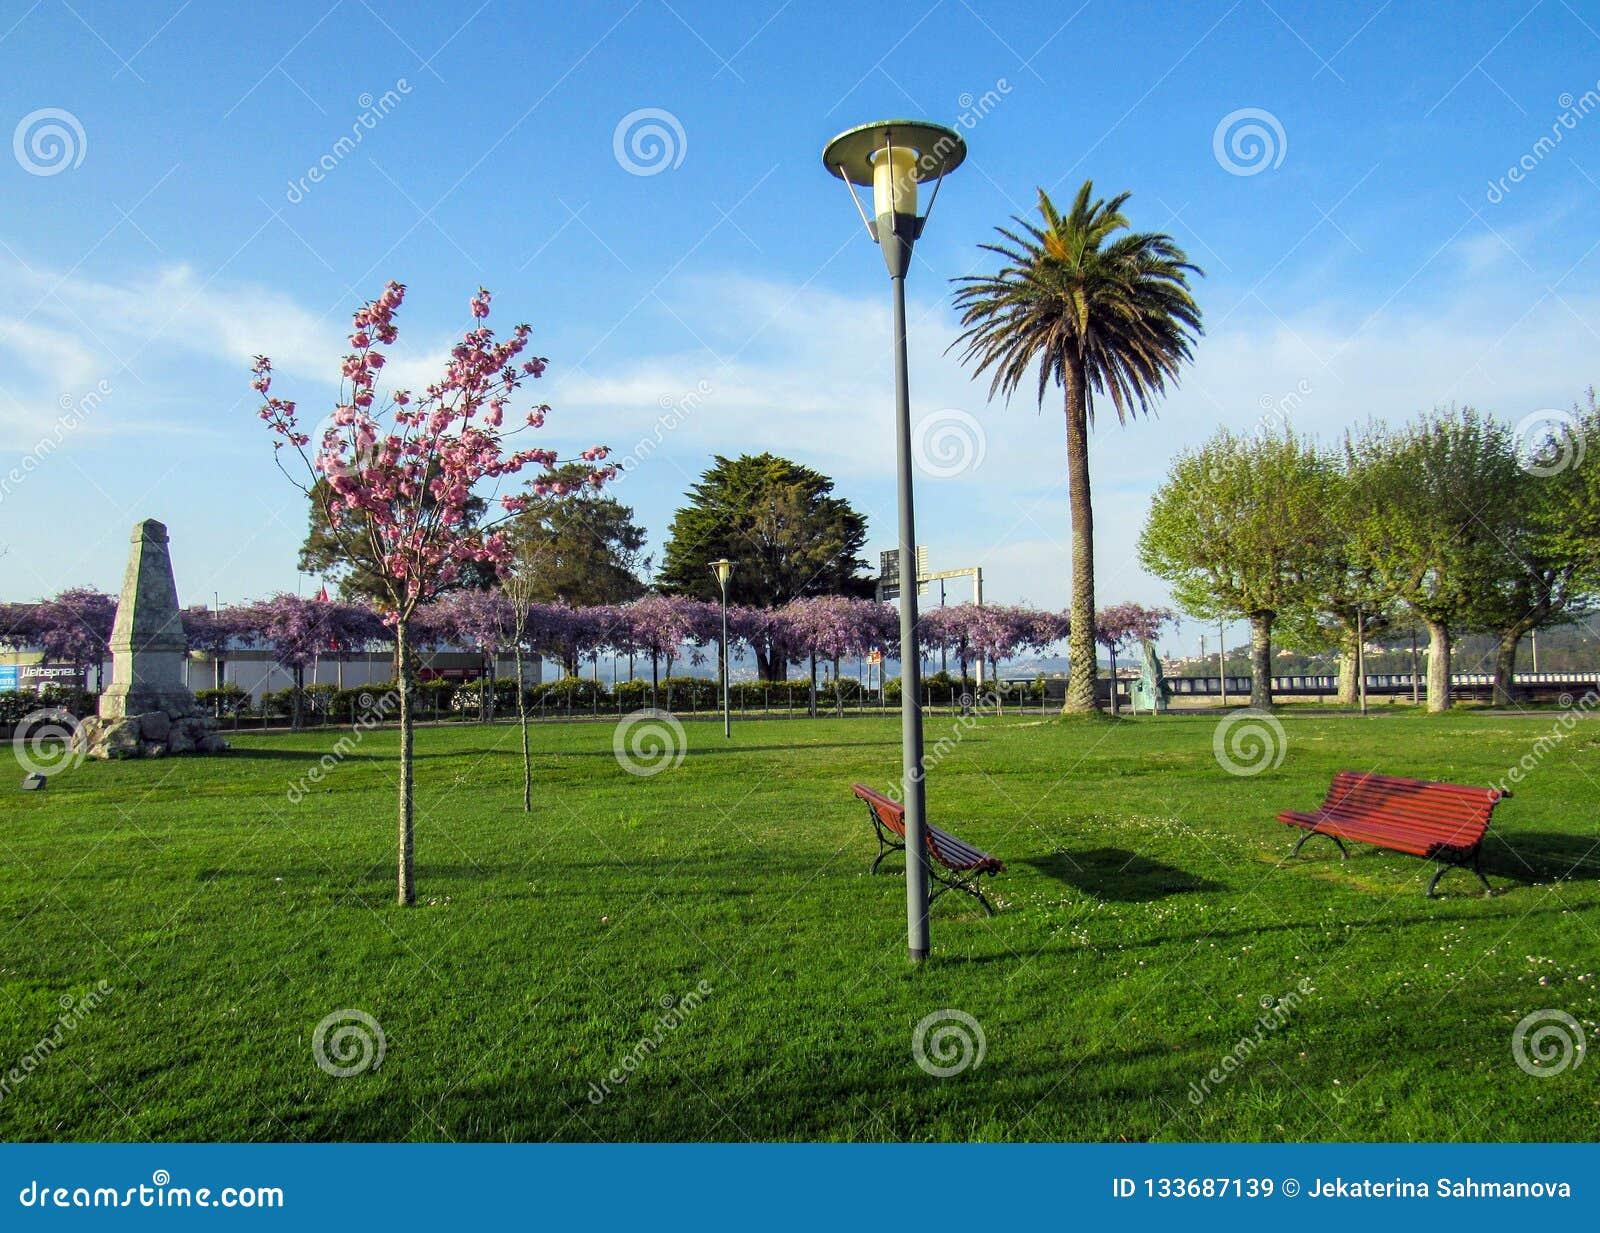 Schöner Park im Frühjahr mit roten Bänke, rosa blühendem Kirschbaum und Palma-Baum am sonnigen Tag mit blauem Himmel